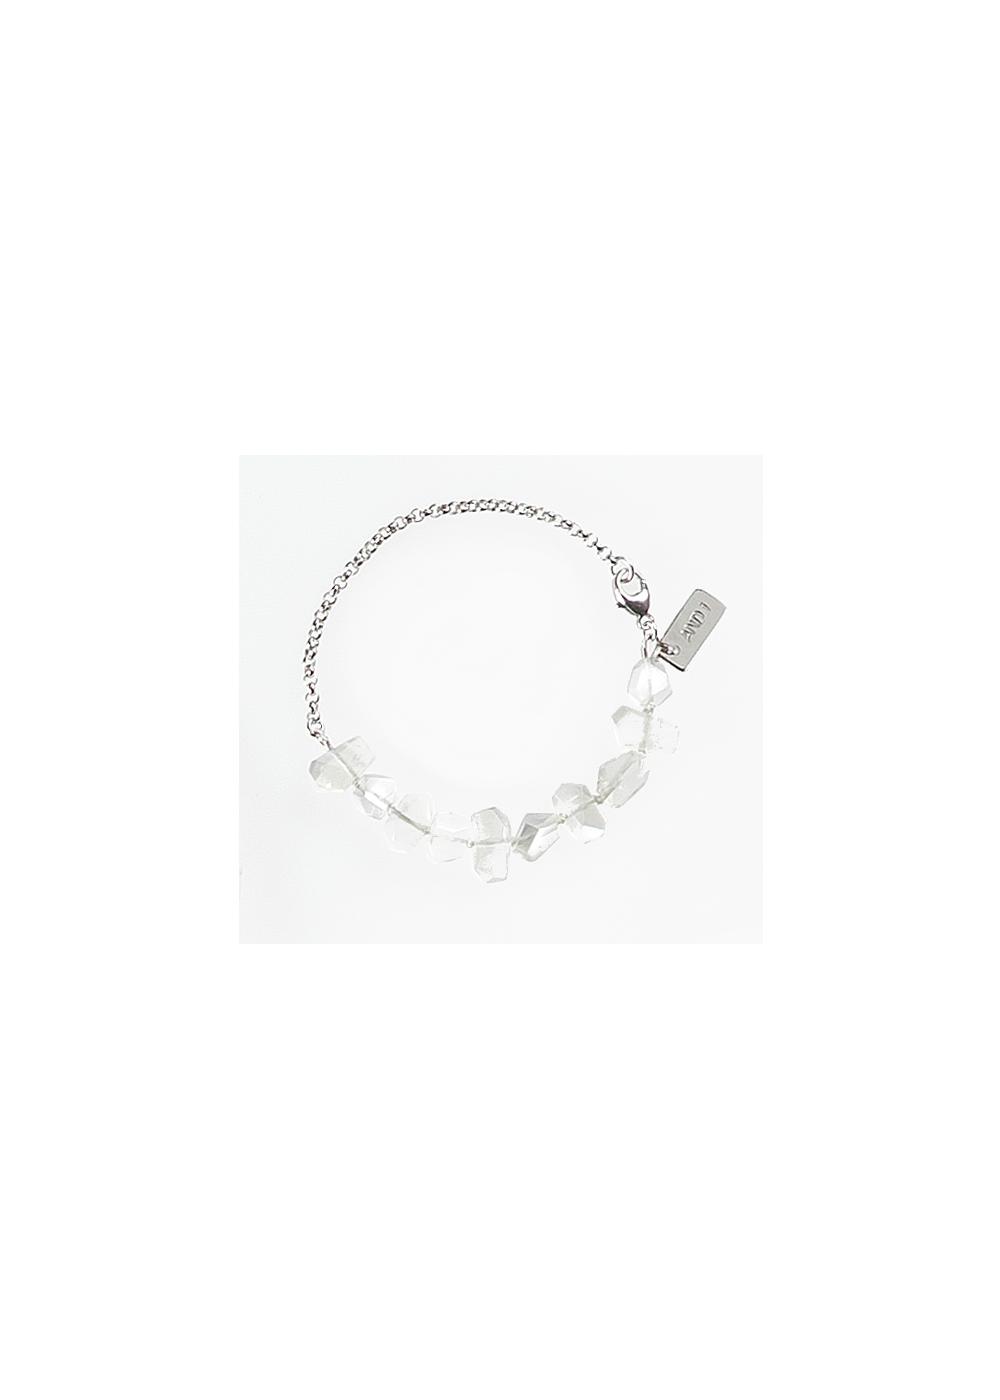 Perseids Silver Bracelet